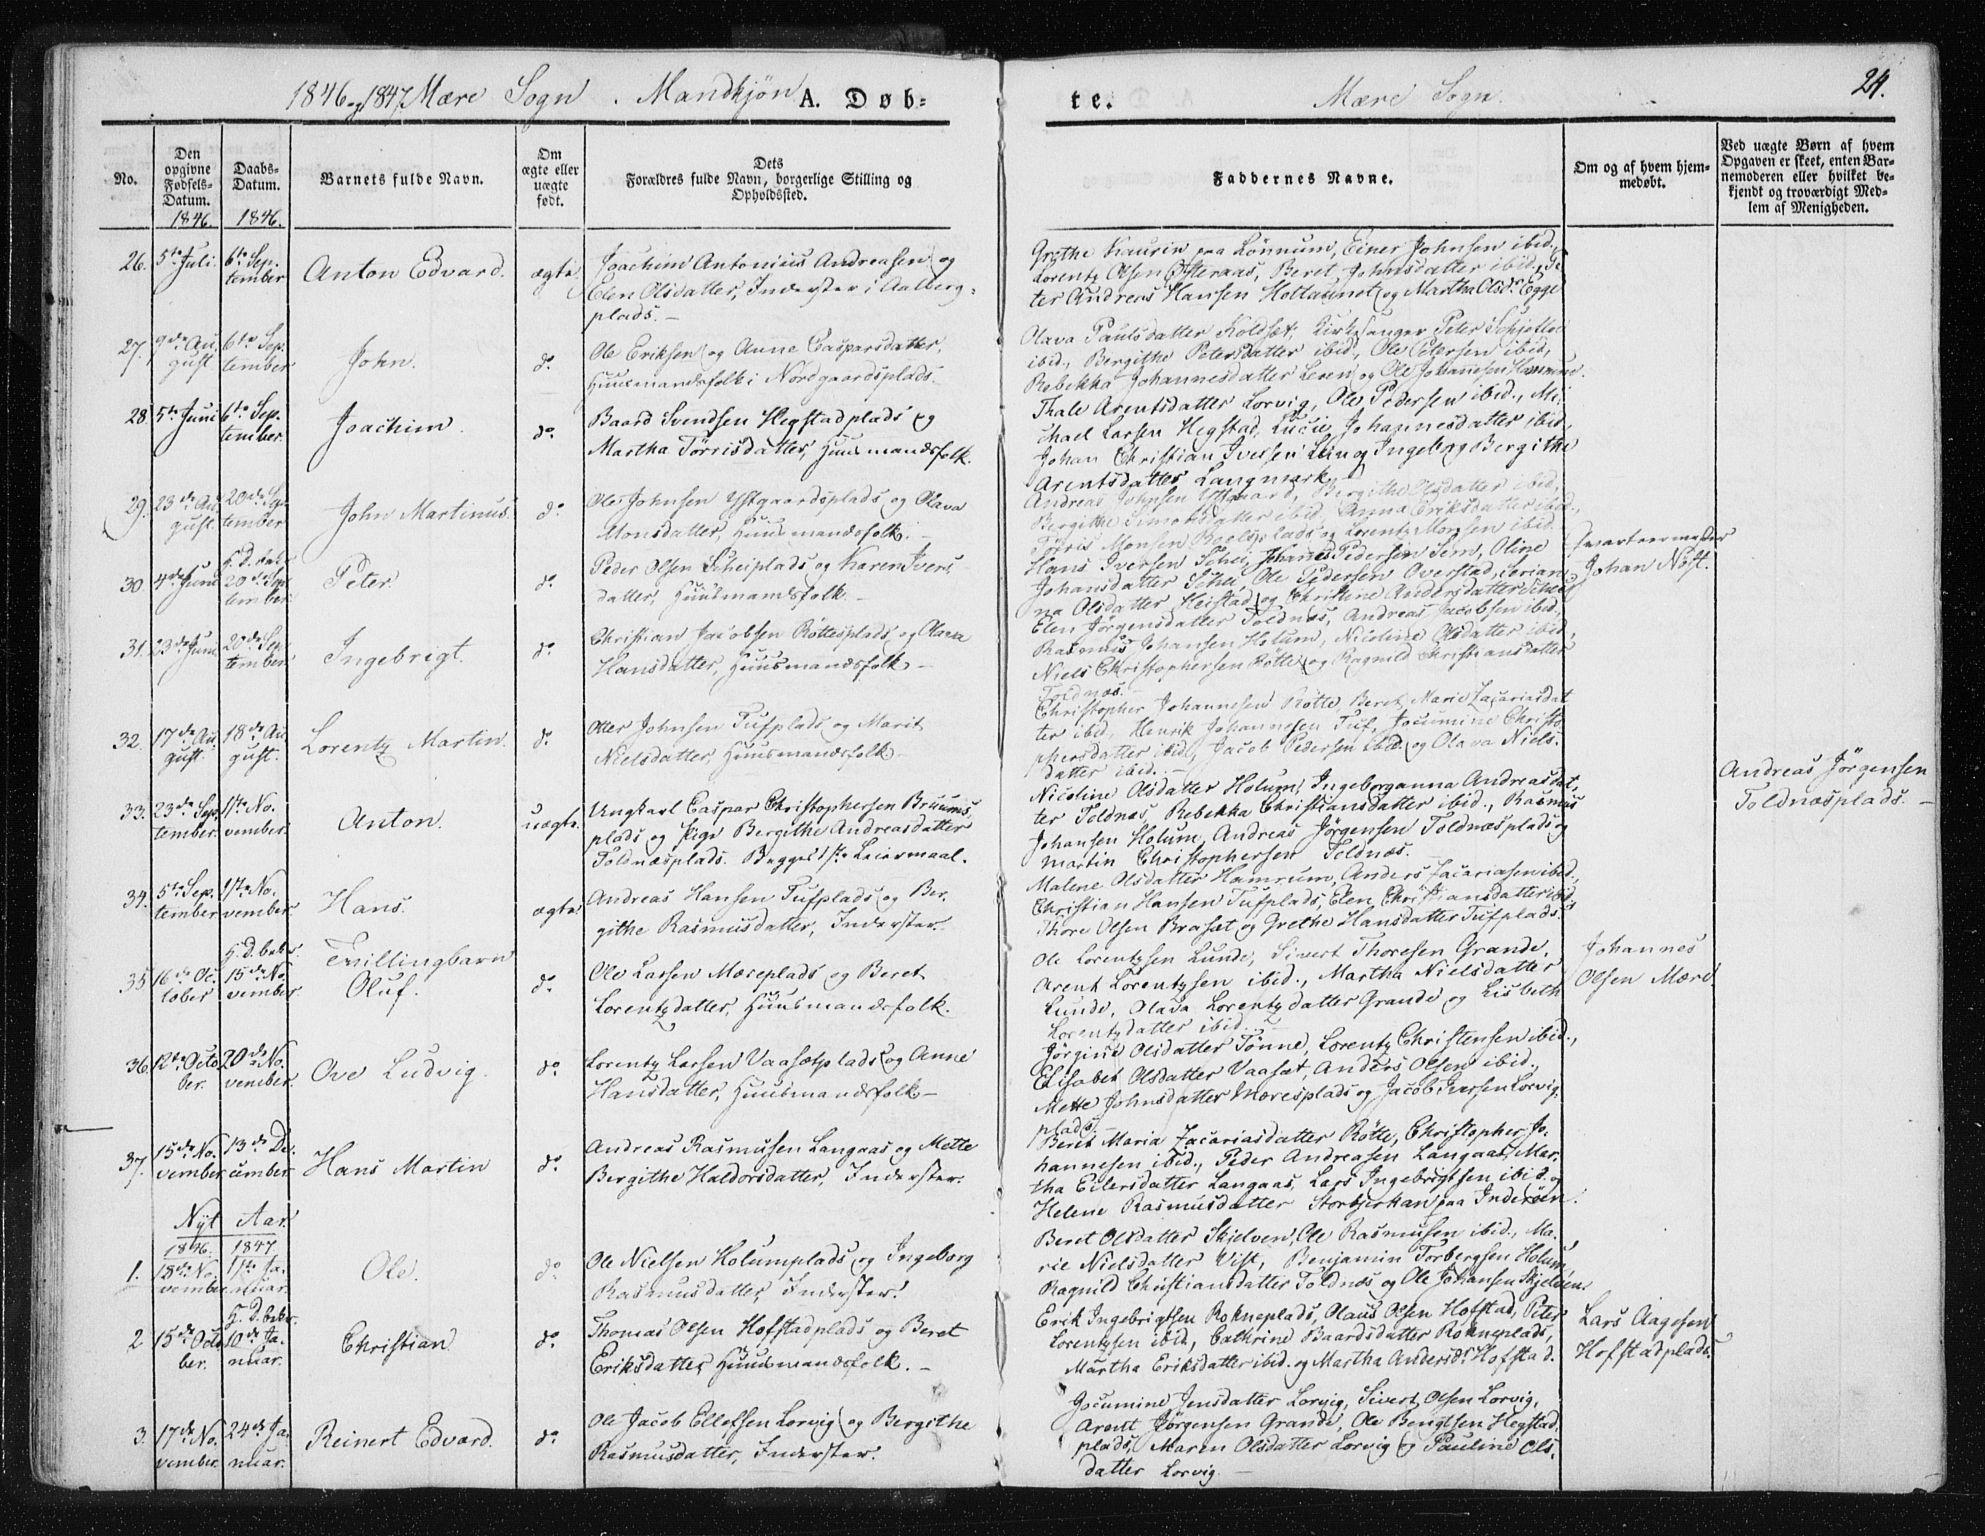 SAT, Ministerialprotokoller, klokkerbøker og fødselsregistre - Nord-Trøndelag, 735/L0339: Ministerialbok nr. 735A06 /1, 1836-1848, s. 24